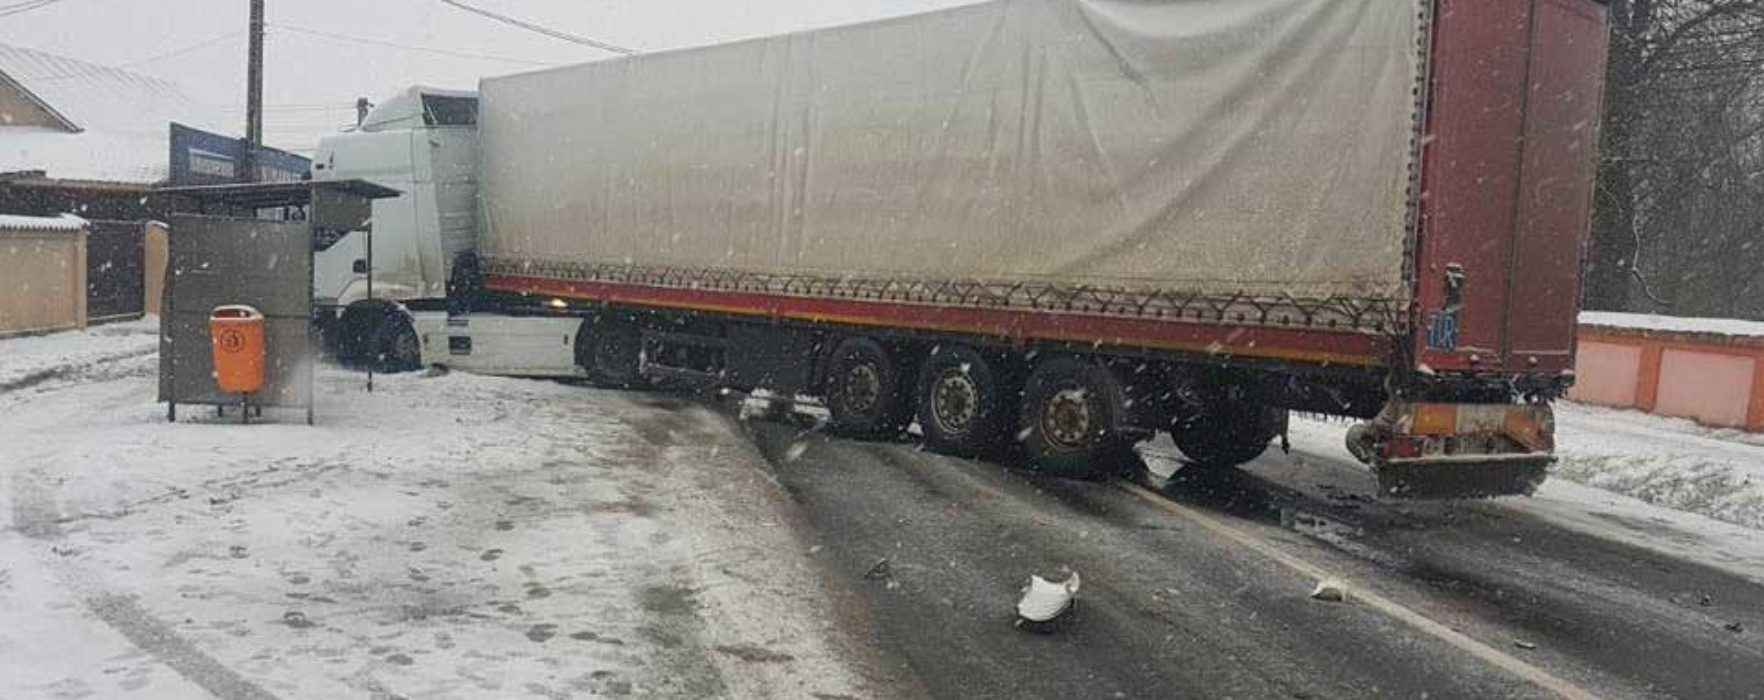 Dâmboviţa: Traficul pe DN Bucureşti-Târgovişte, blocat în zona Ghergani, după ce un TIR a intrat în coliziune cu un autoturism